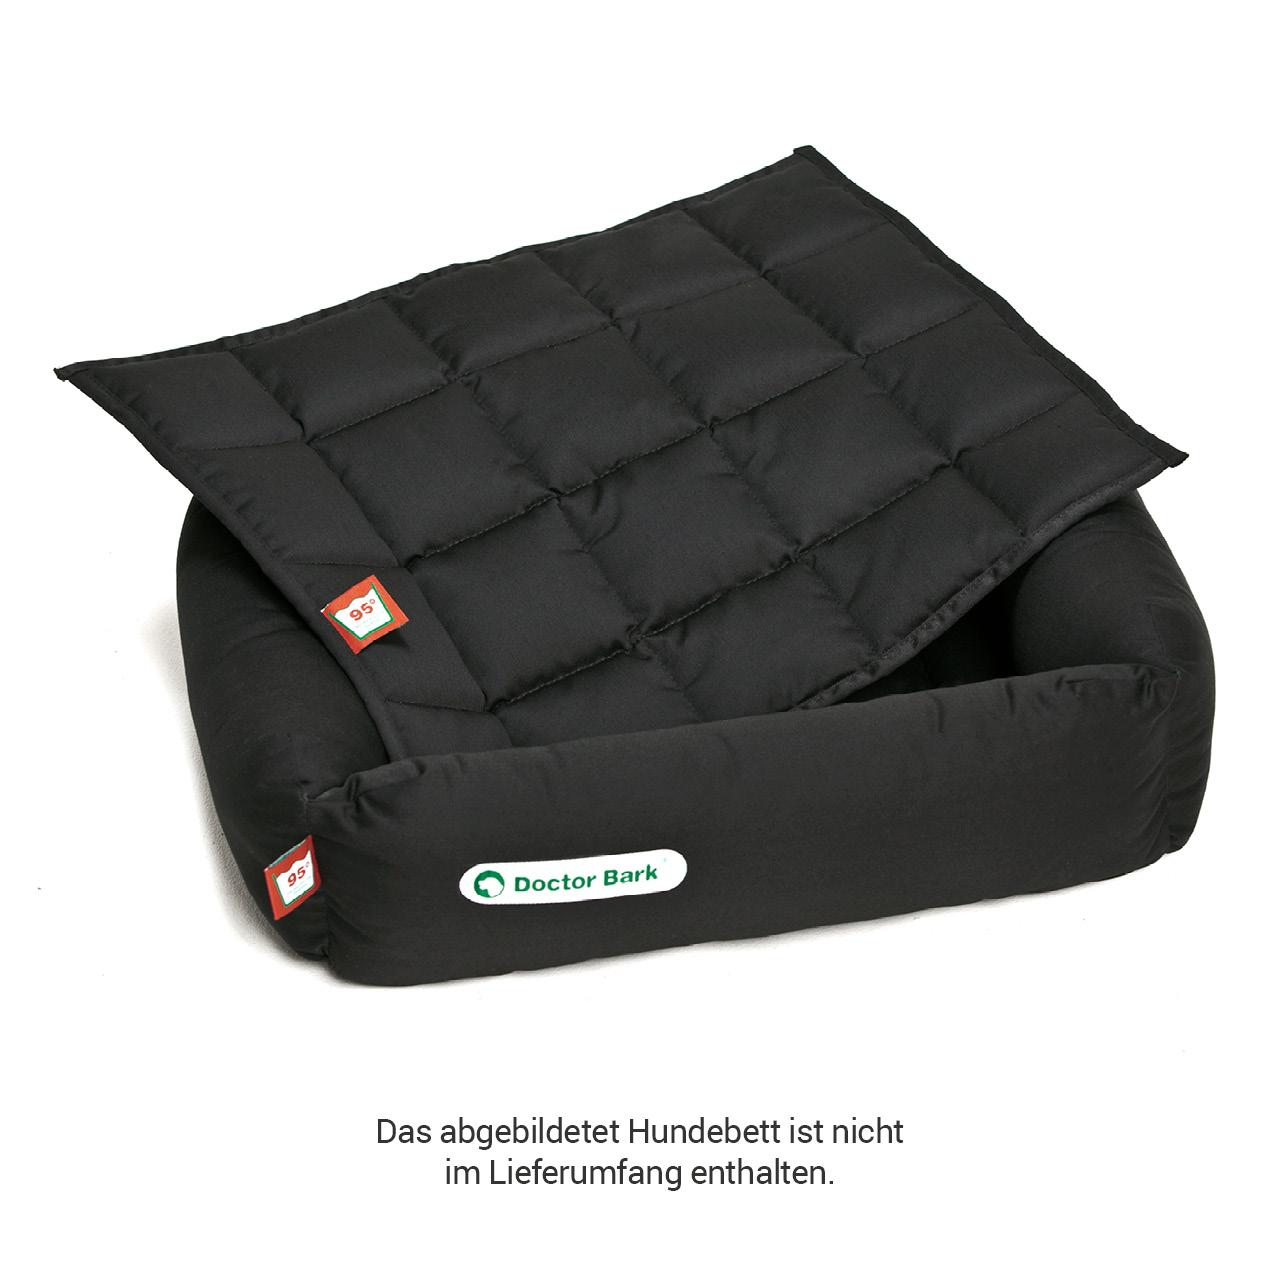 gepolsterte Einlegedecke für Doctor Bark Hundebett Gr. S - schwarz